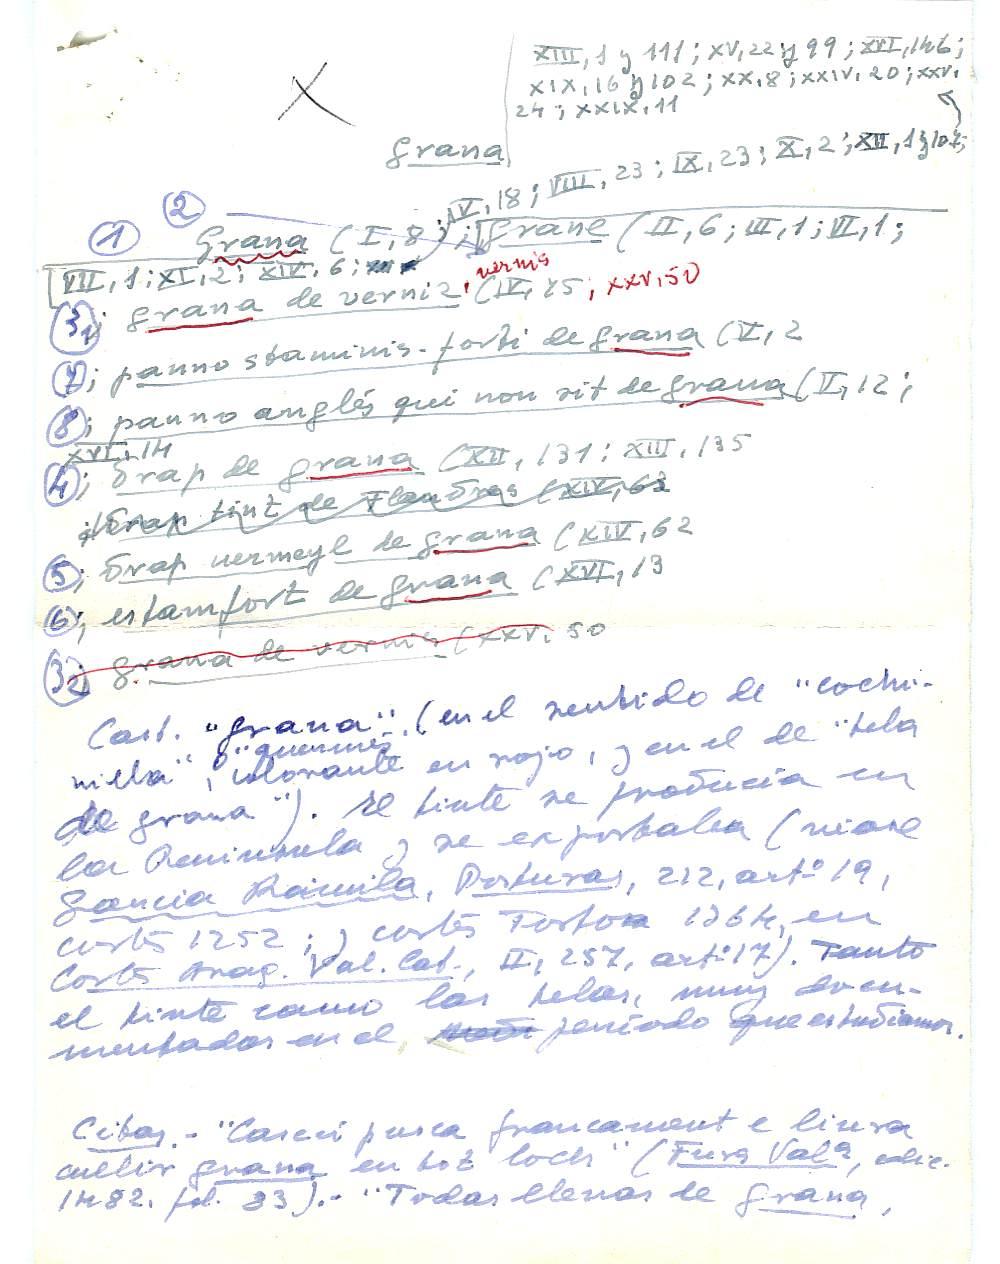 Vista ampliada de la ficha escaneada con el texto para la entrada grana ( 6 de 103 )